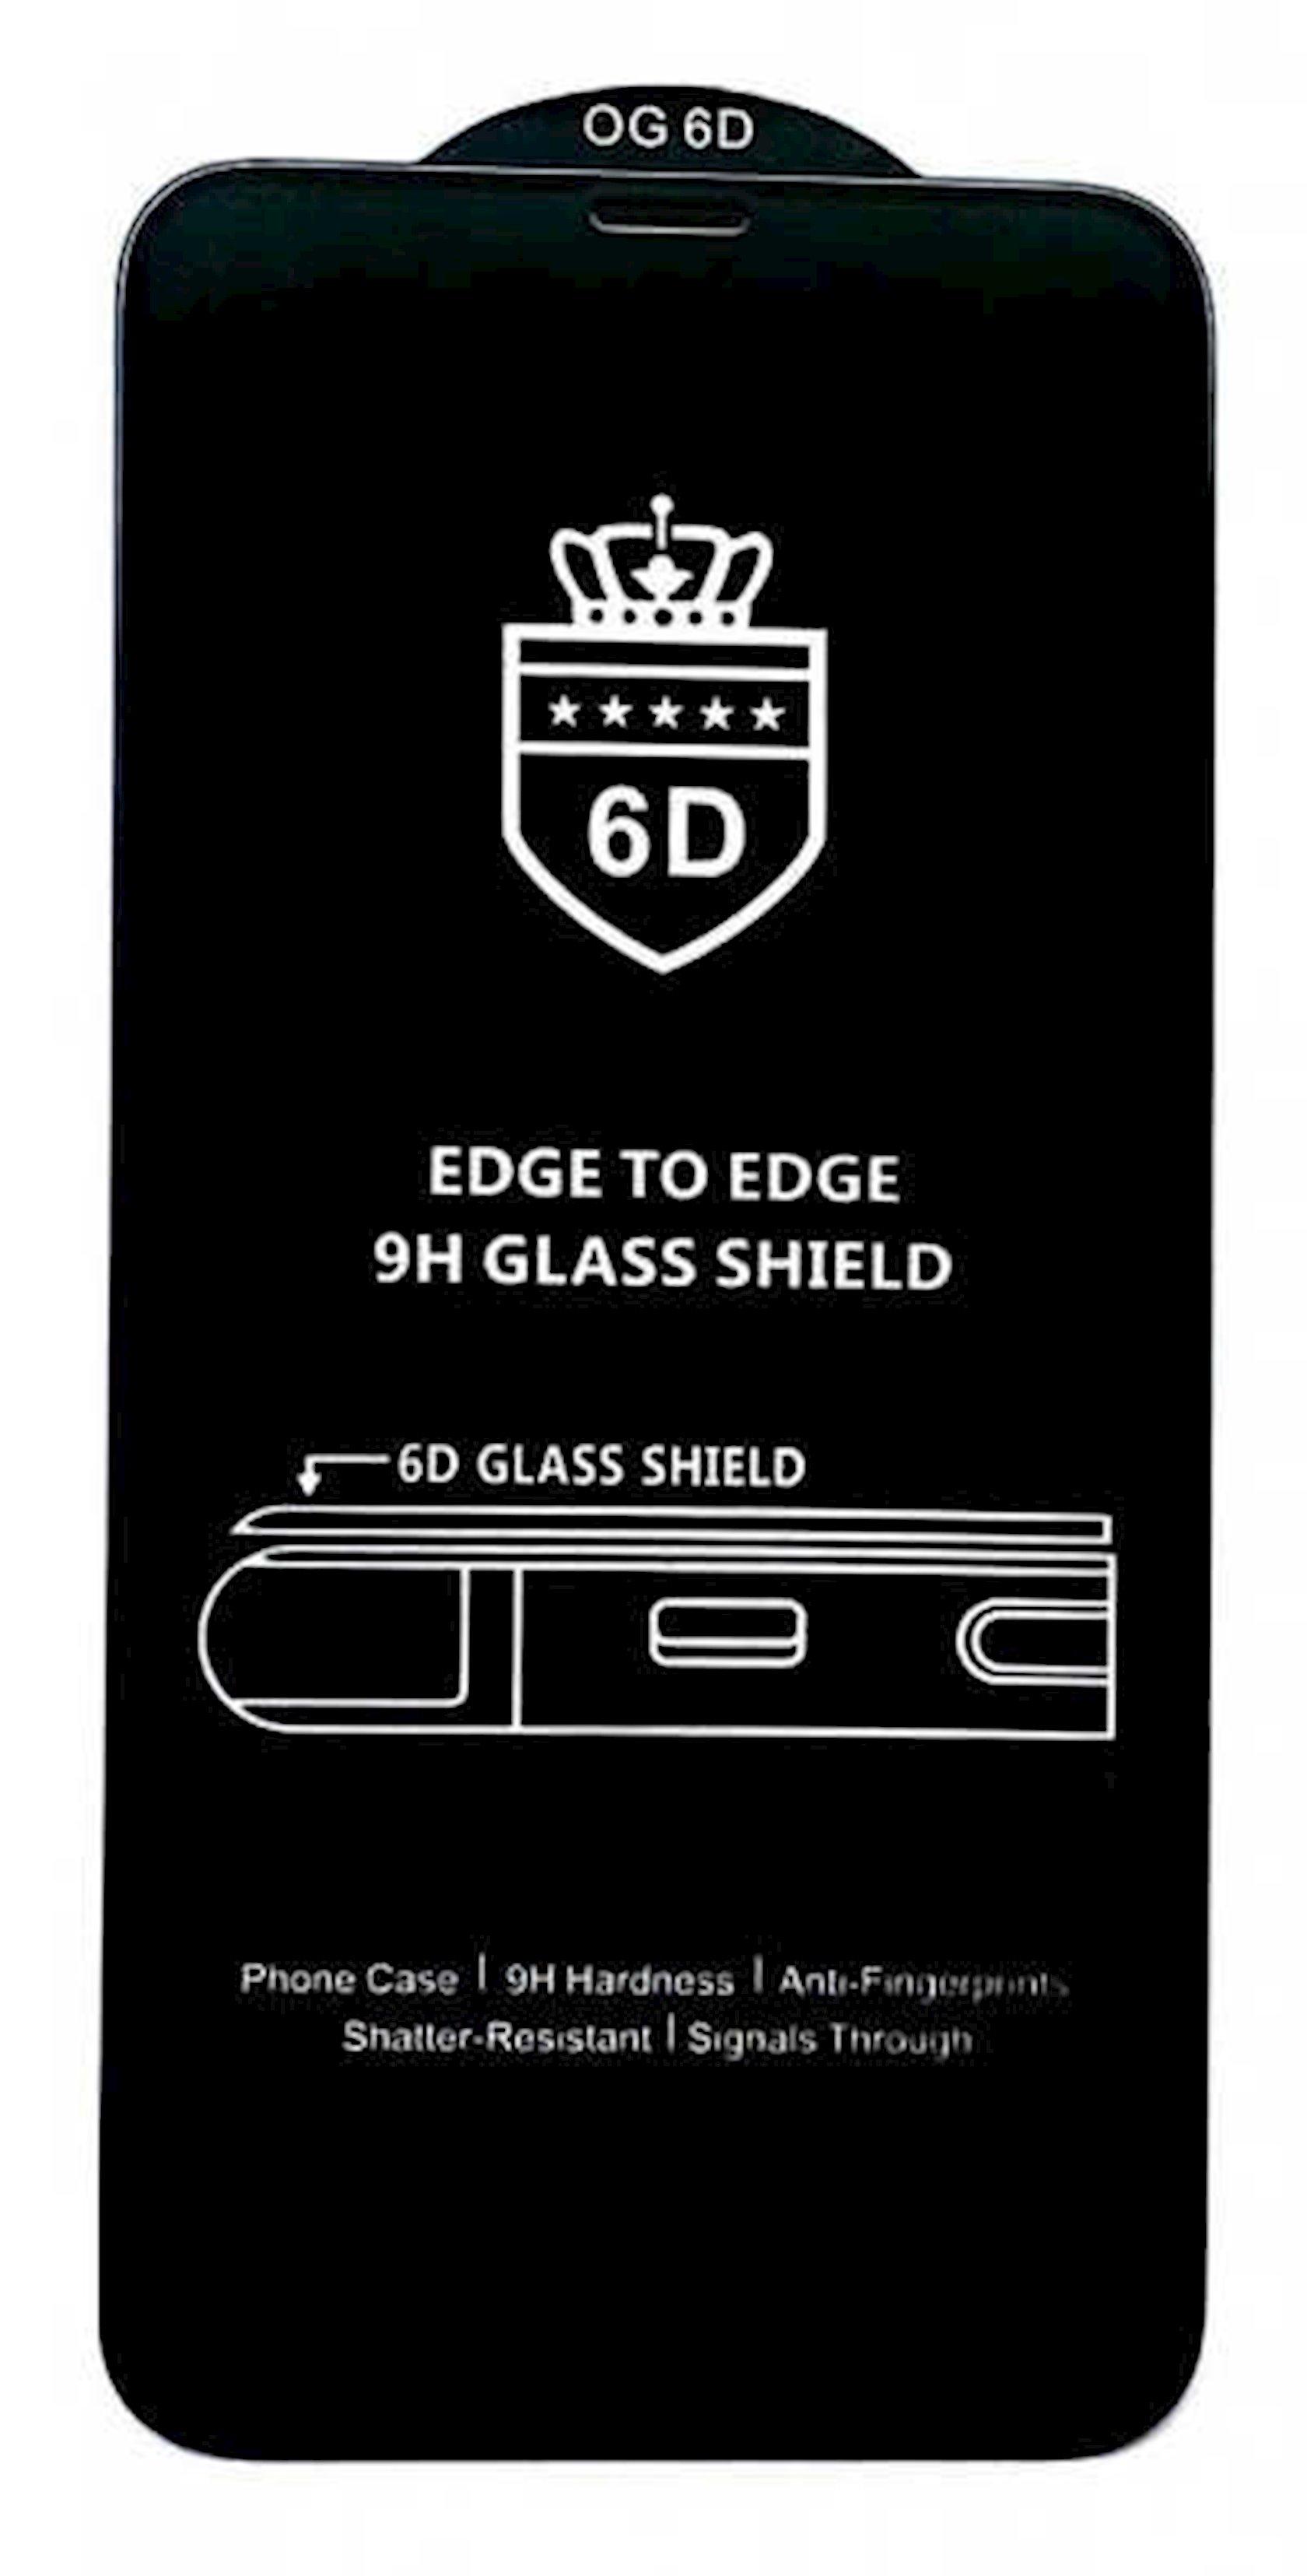 Qoruyucu şüşə OG 6D Premium Samsung A21s üçün Black